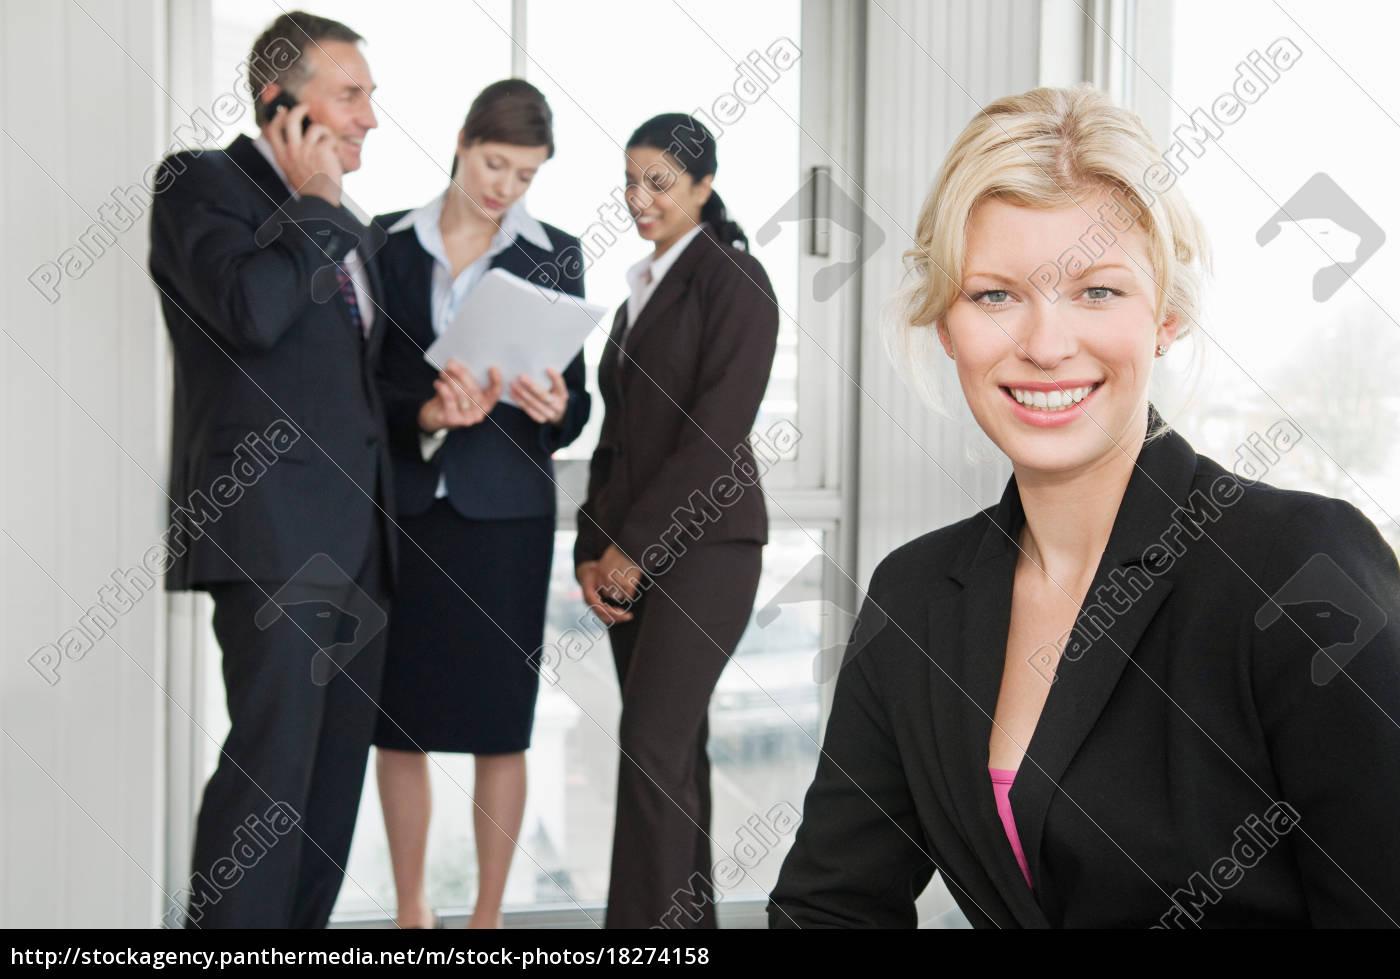 a, portrait, of, a, business, woman - 18274158